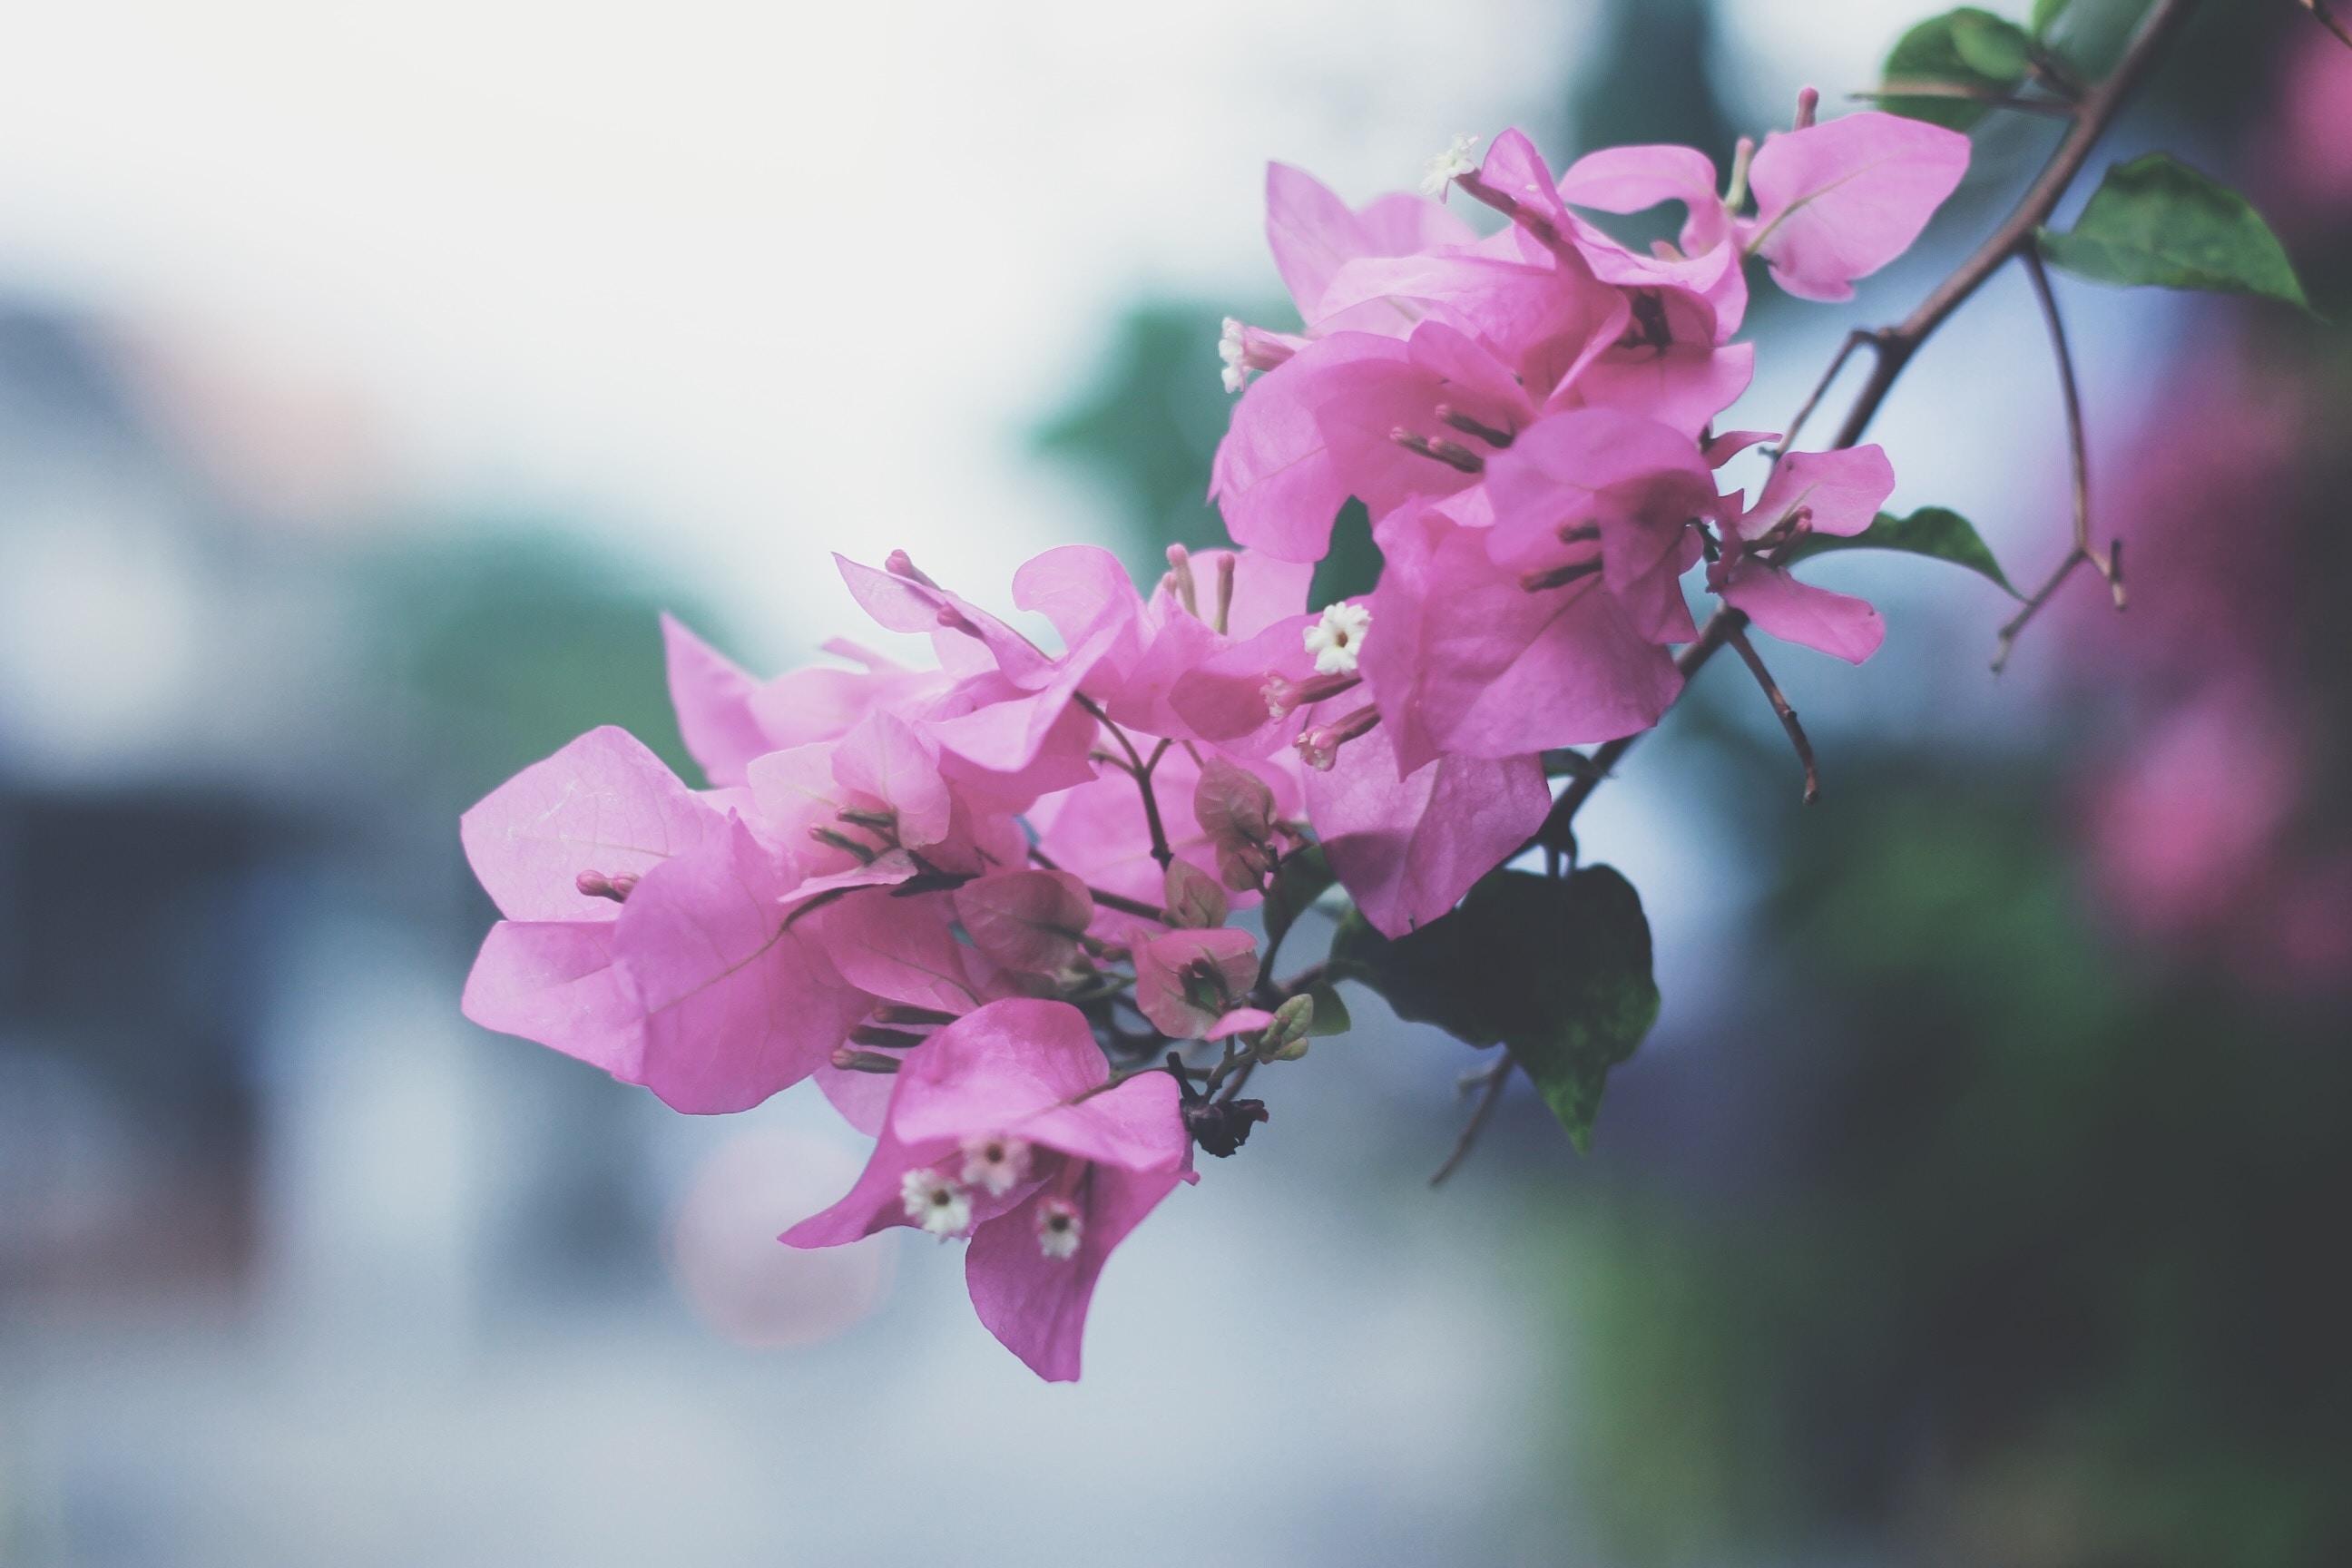 Flower Wallpaper · · Free Stock